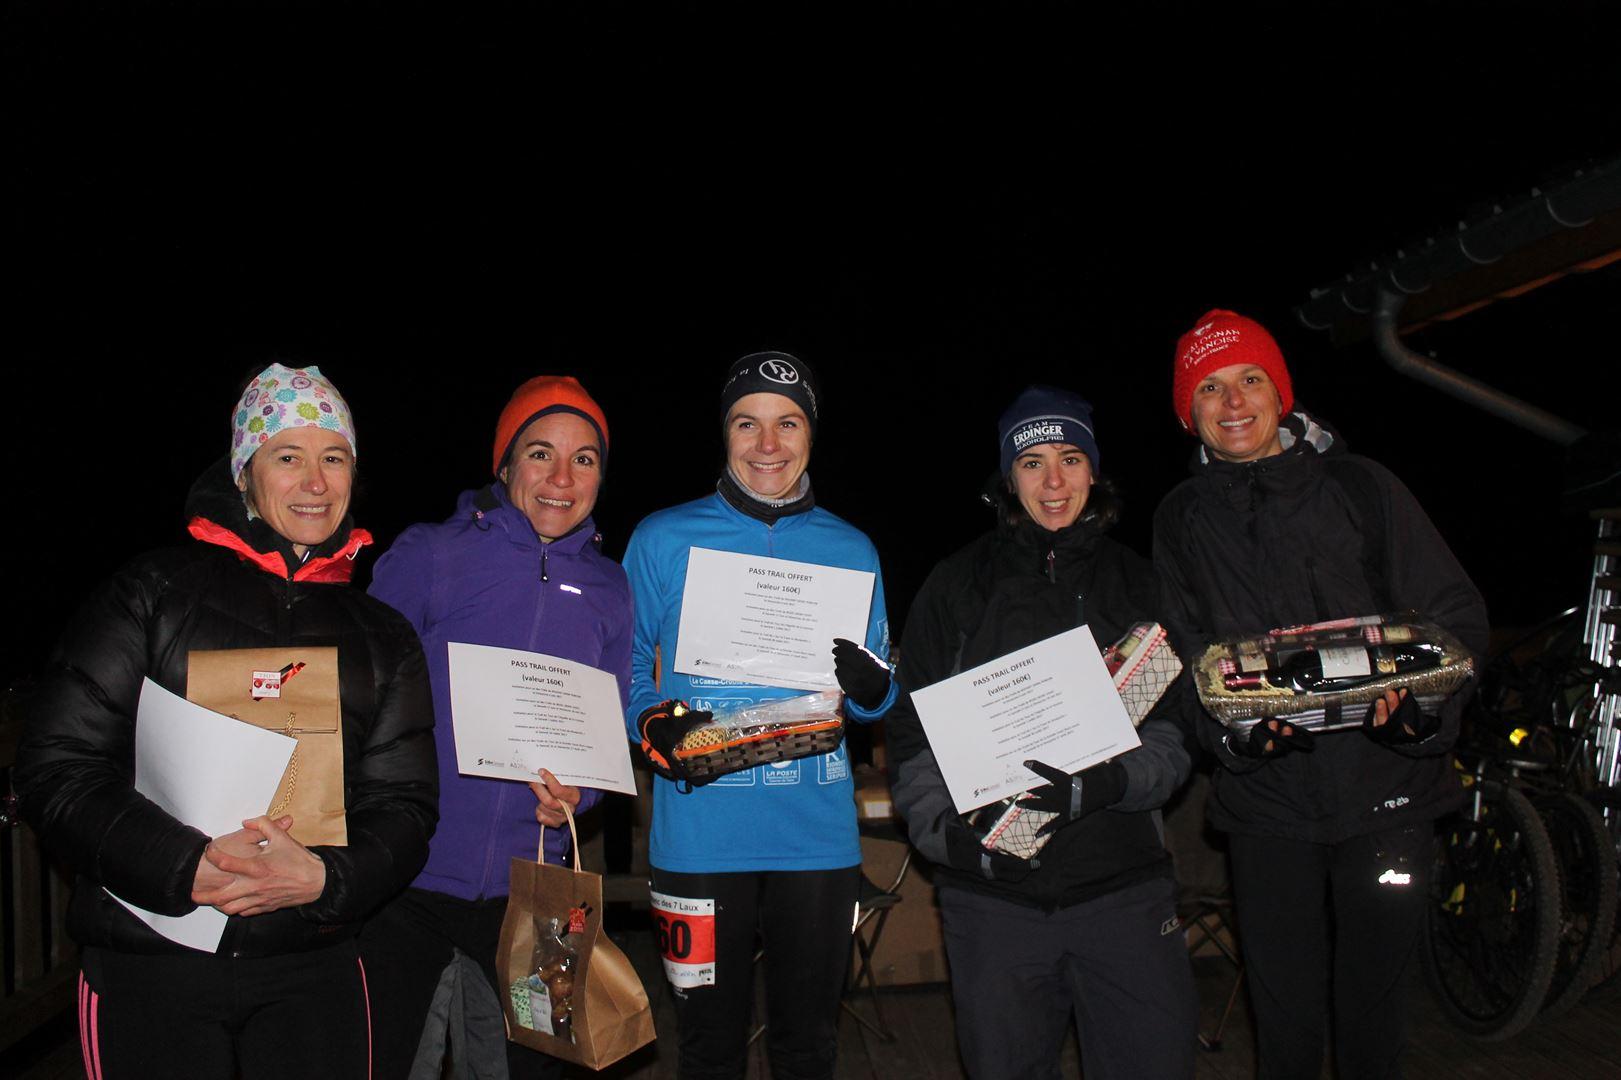 Remise des prix 16km dames - Trail des 7 Laux 2016- ©Alex Garin